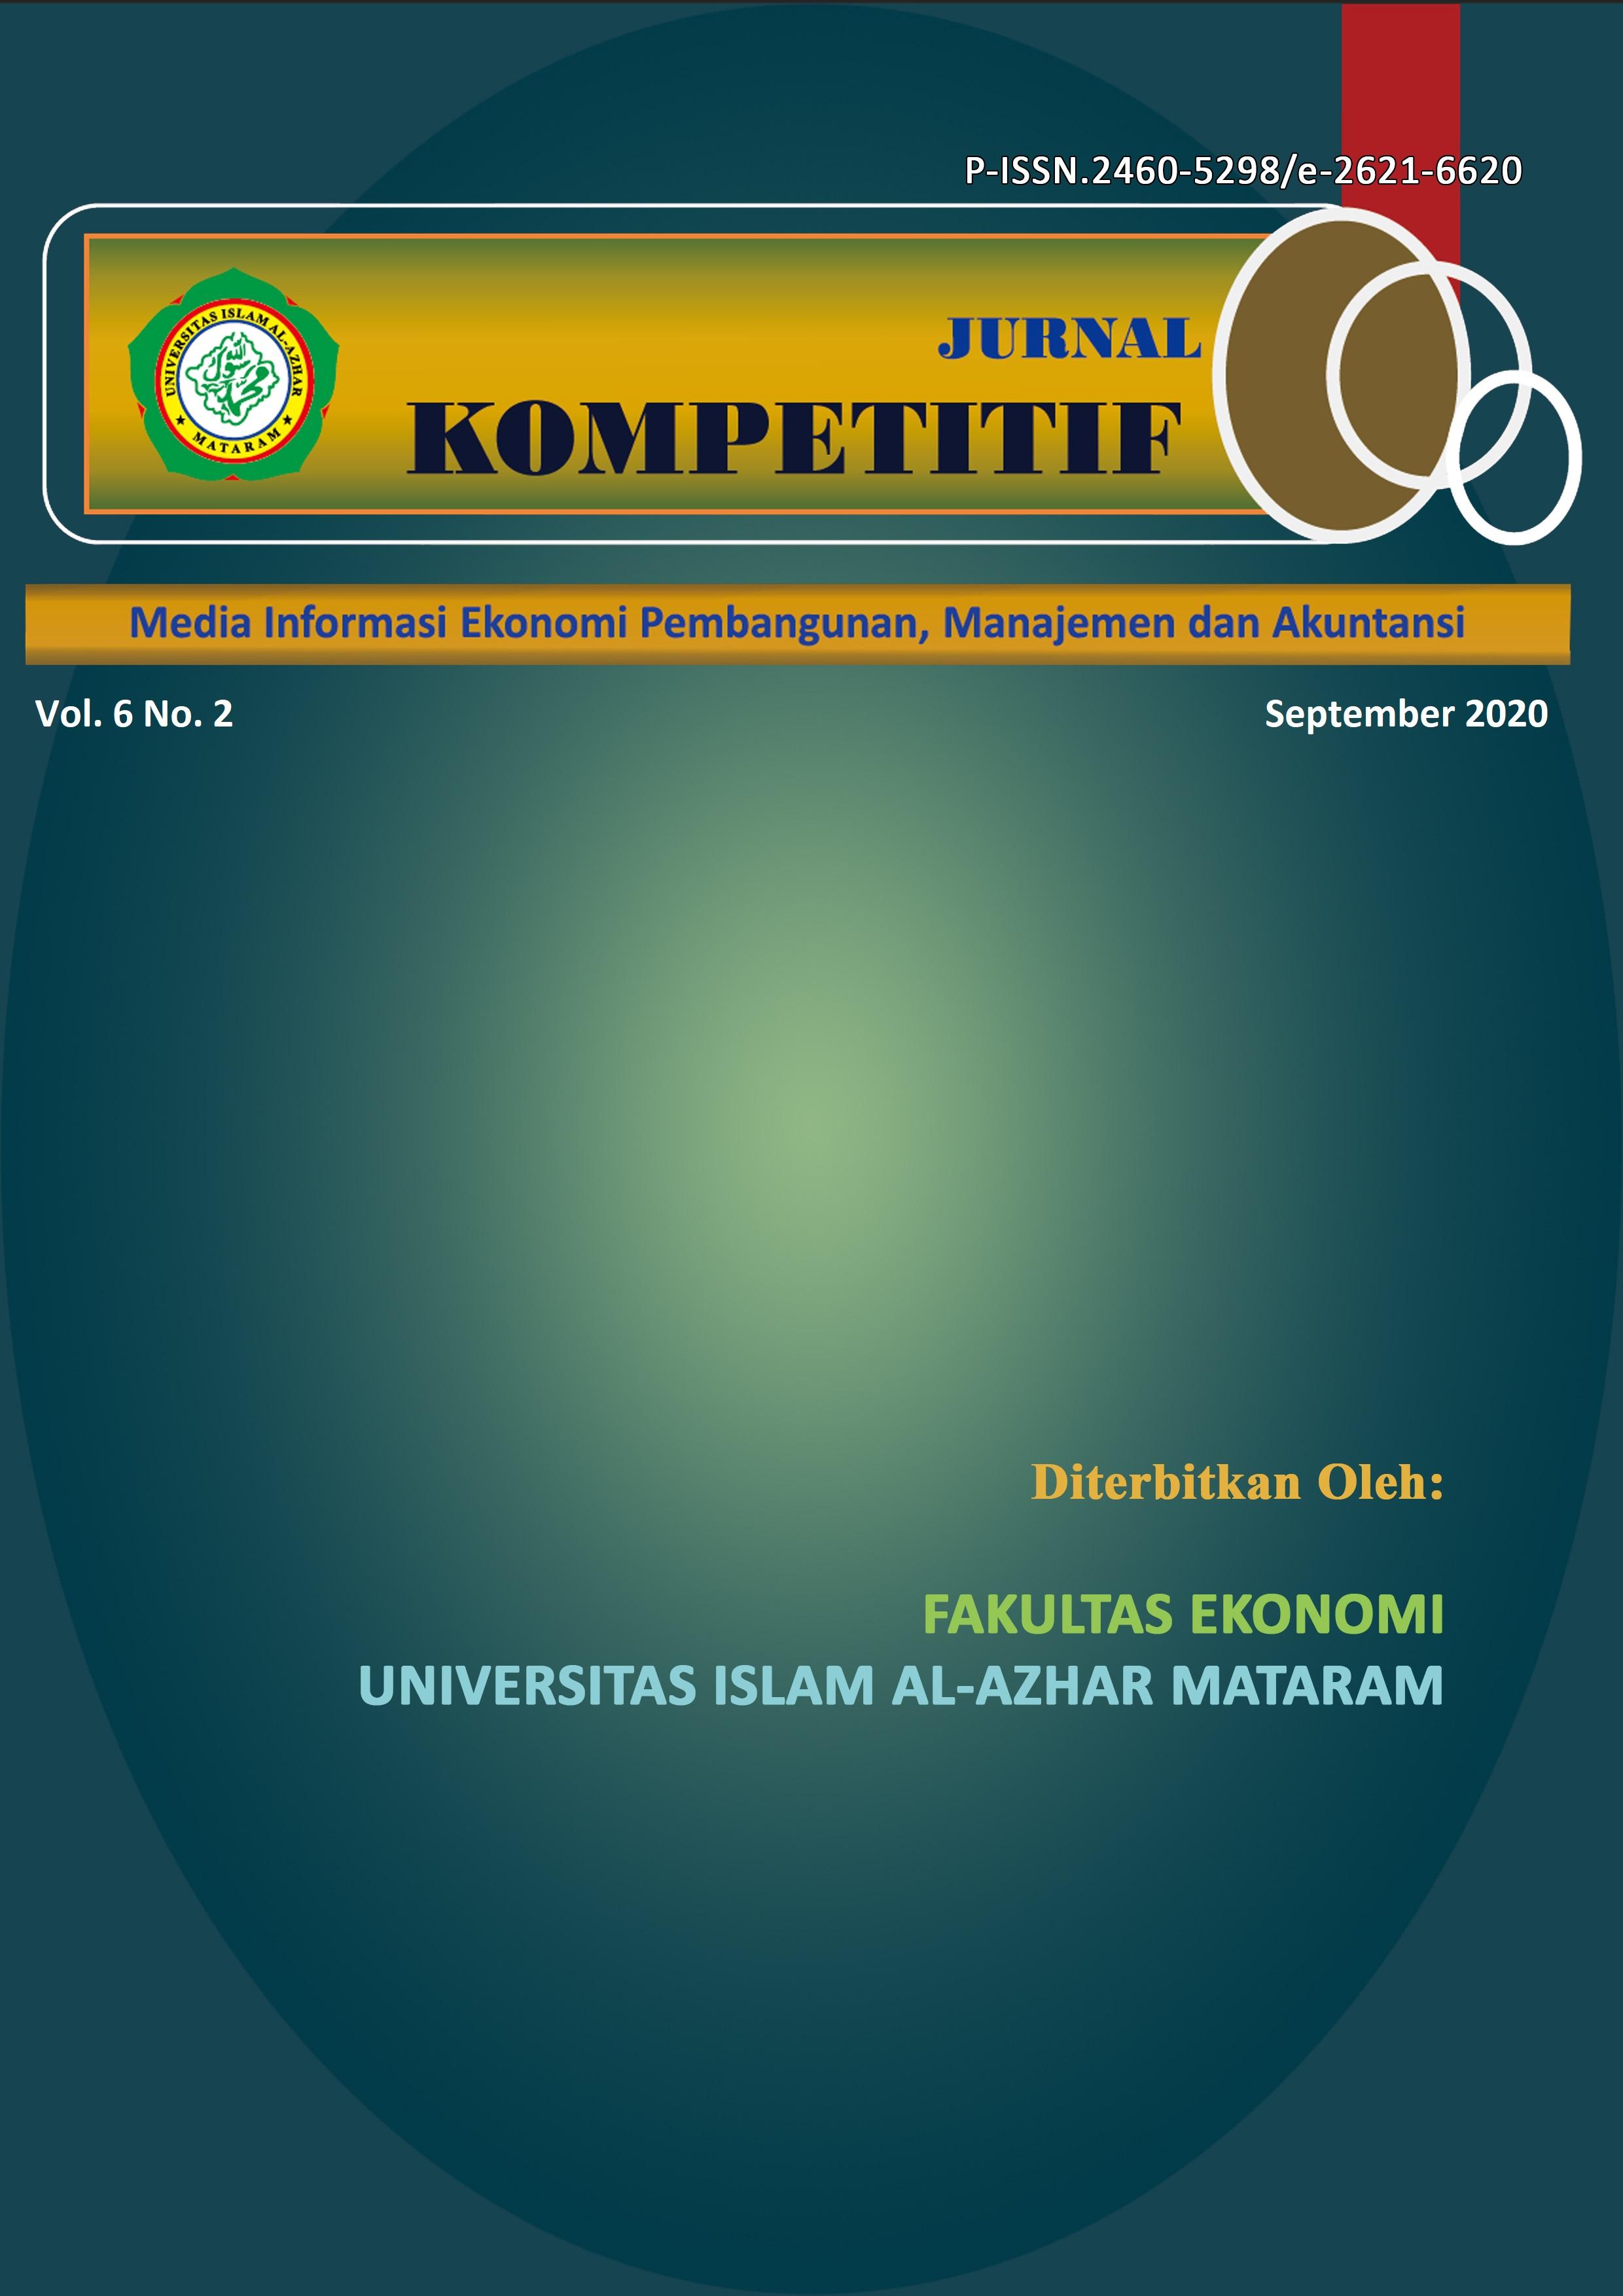 Jurnal Kompetitif